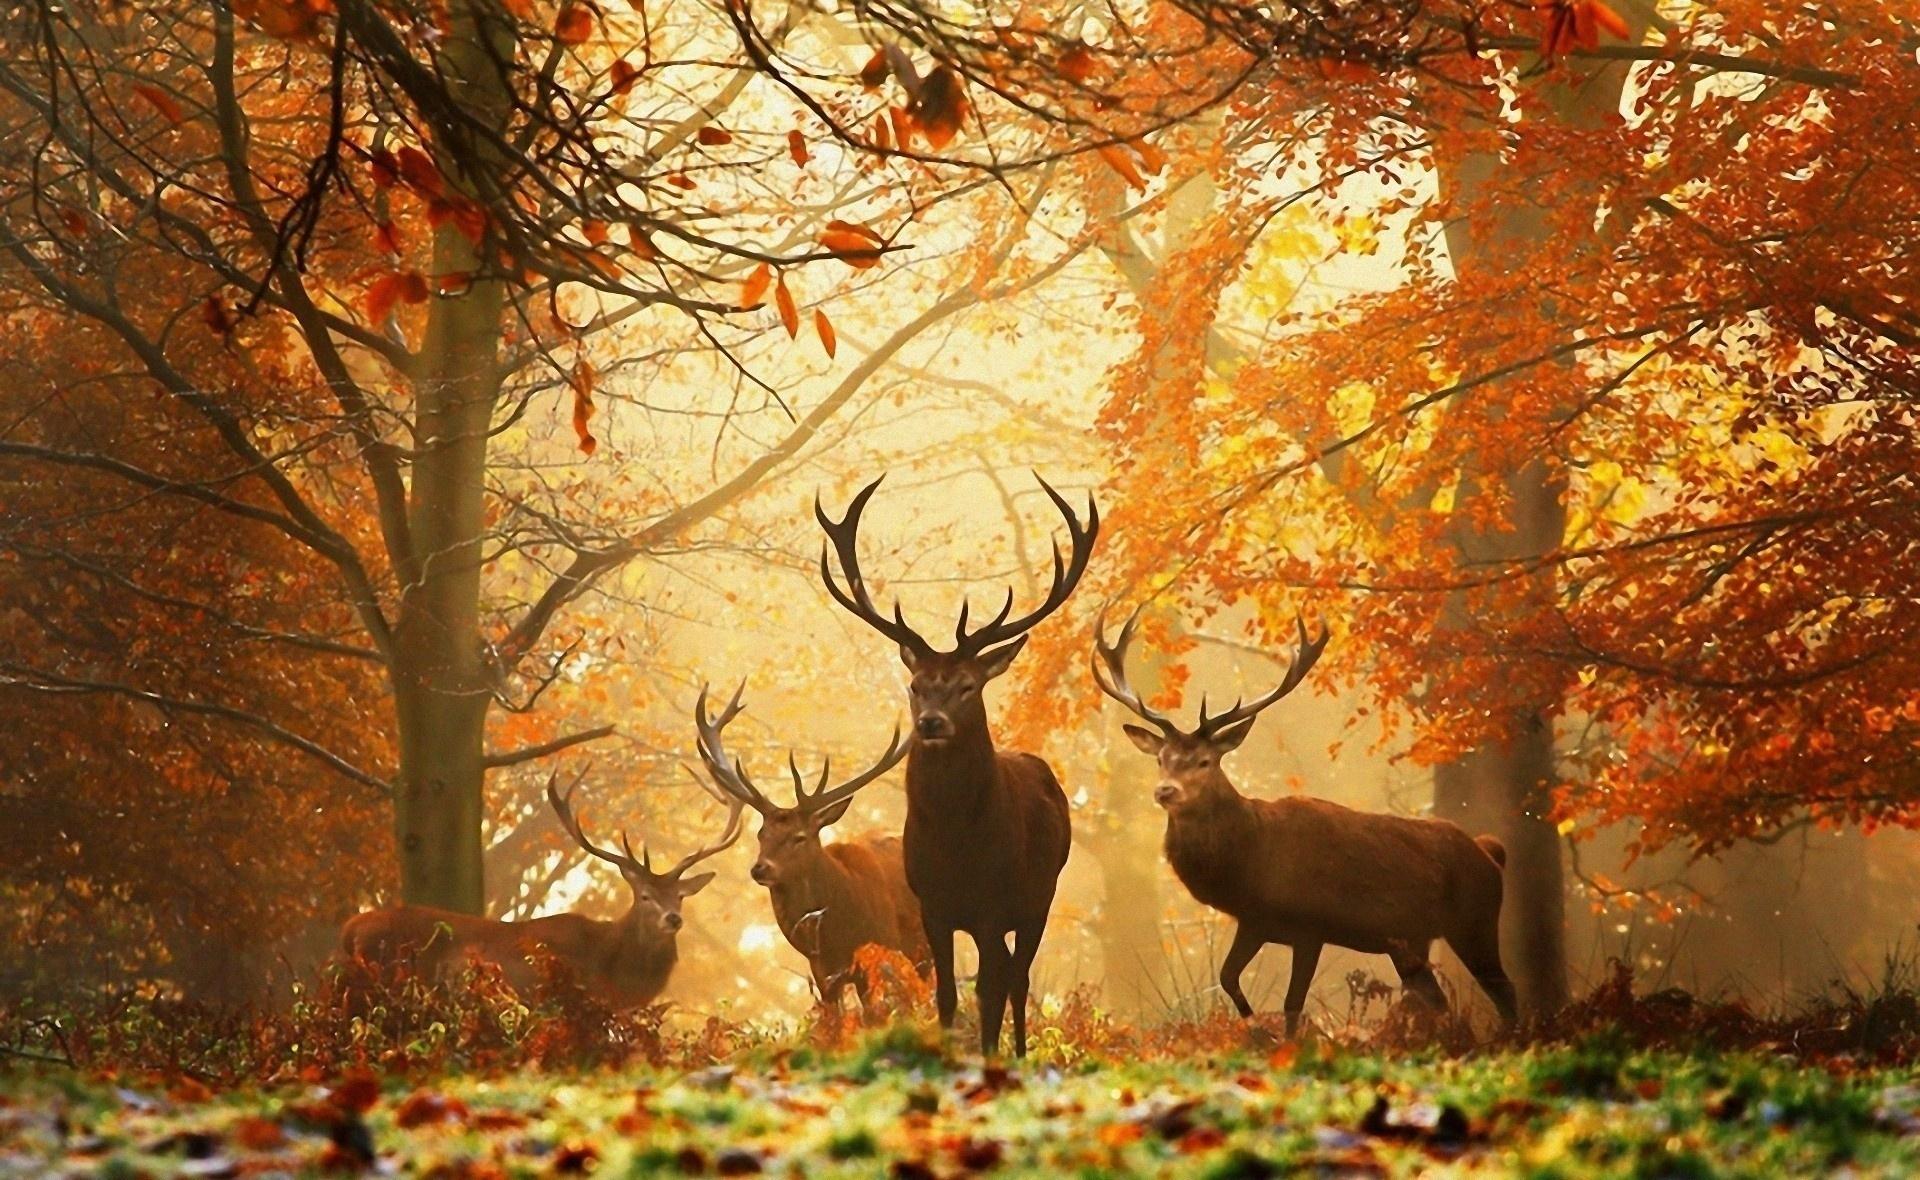 134274 завантажити шпалери Осінь, Тварини, Дерева, Трава, Листя, Олені - заставки і картинки безкоштовно